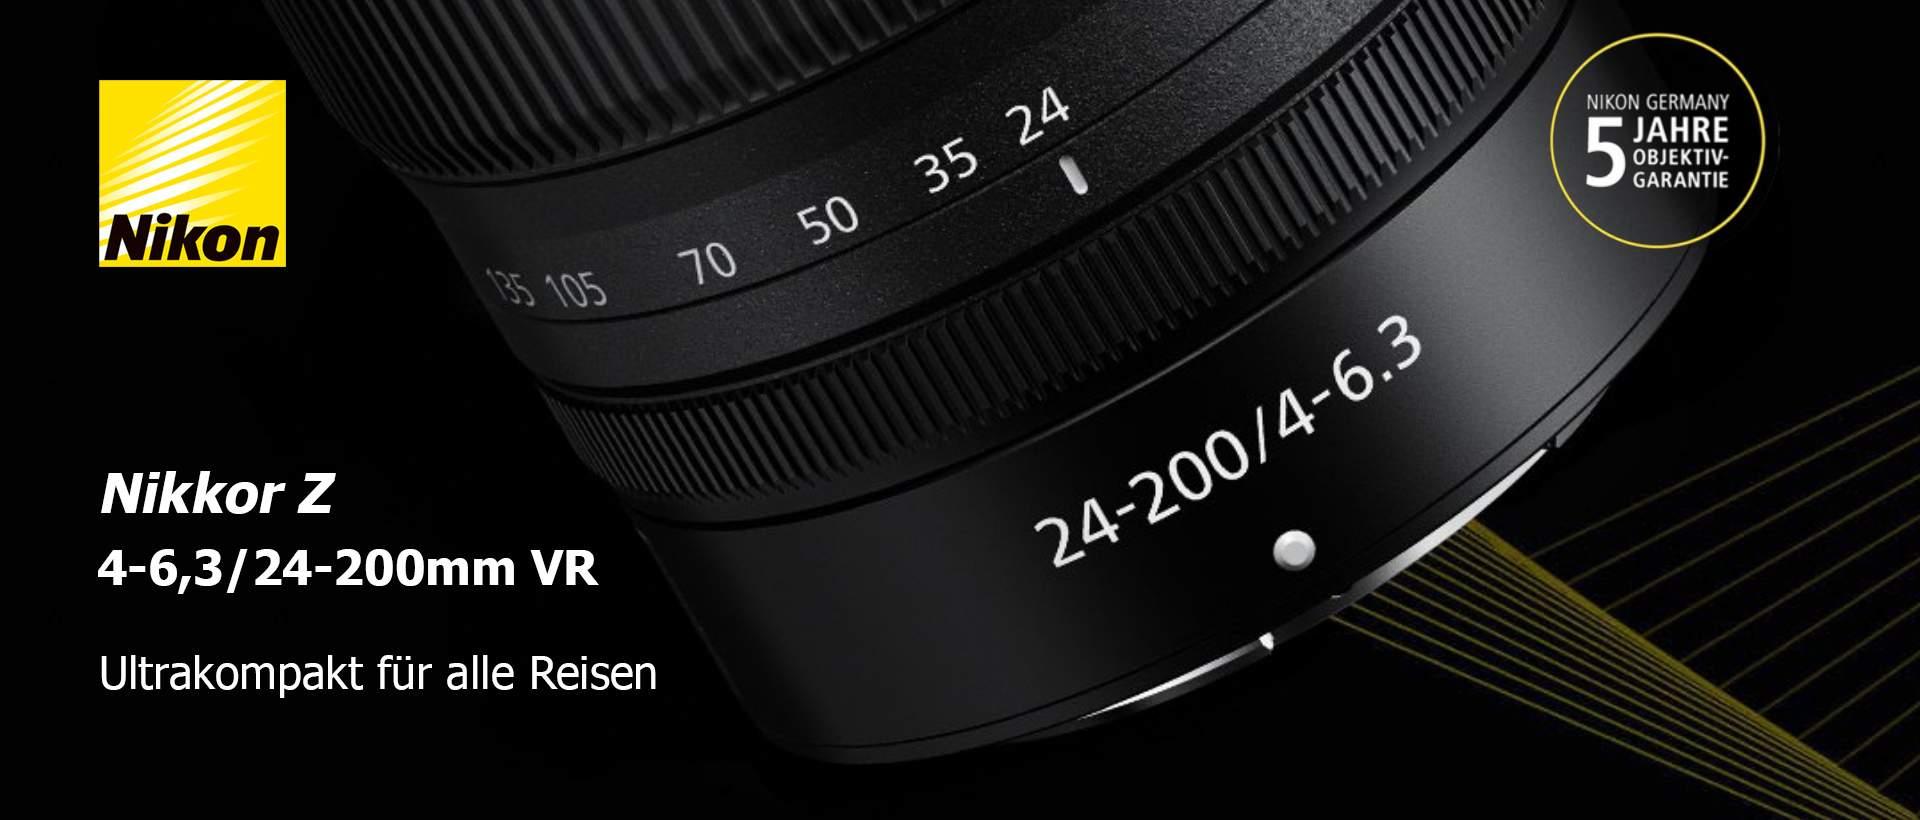 Nikon Z 4-6,3/24-200mm VR + 5-Jahre-Garantie-Aktion